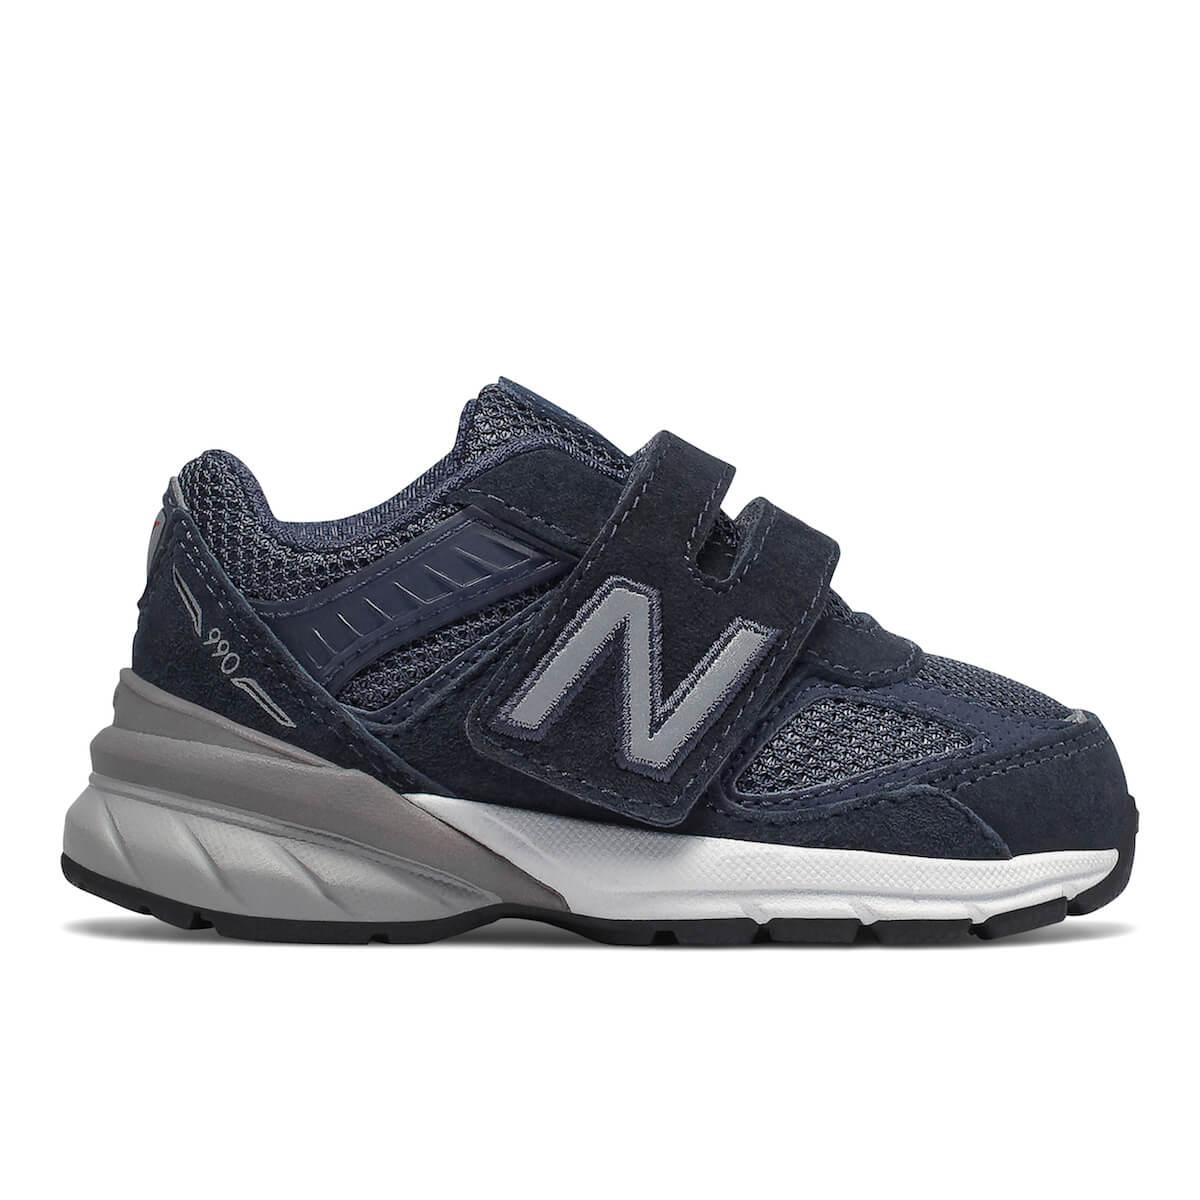 ニューバランスを象徴するフラッグシップモデル「990v5」に新色ネイビーが登場 life190614_newbalance_990v5_1